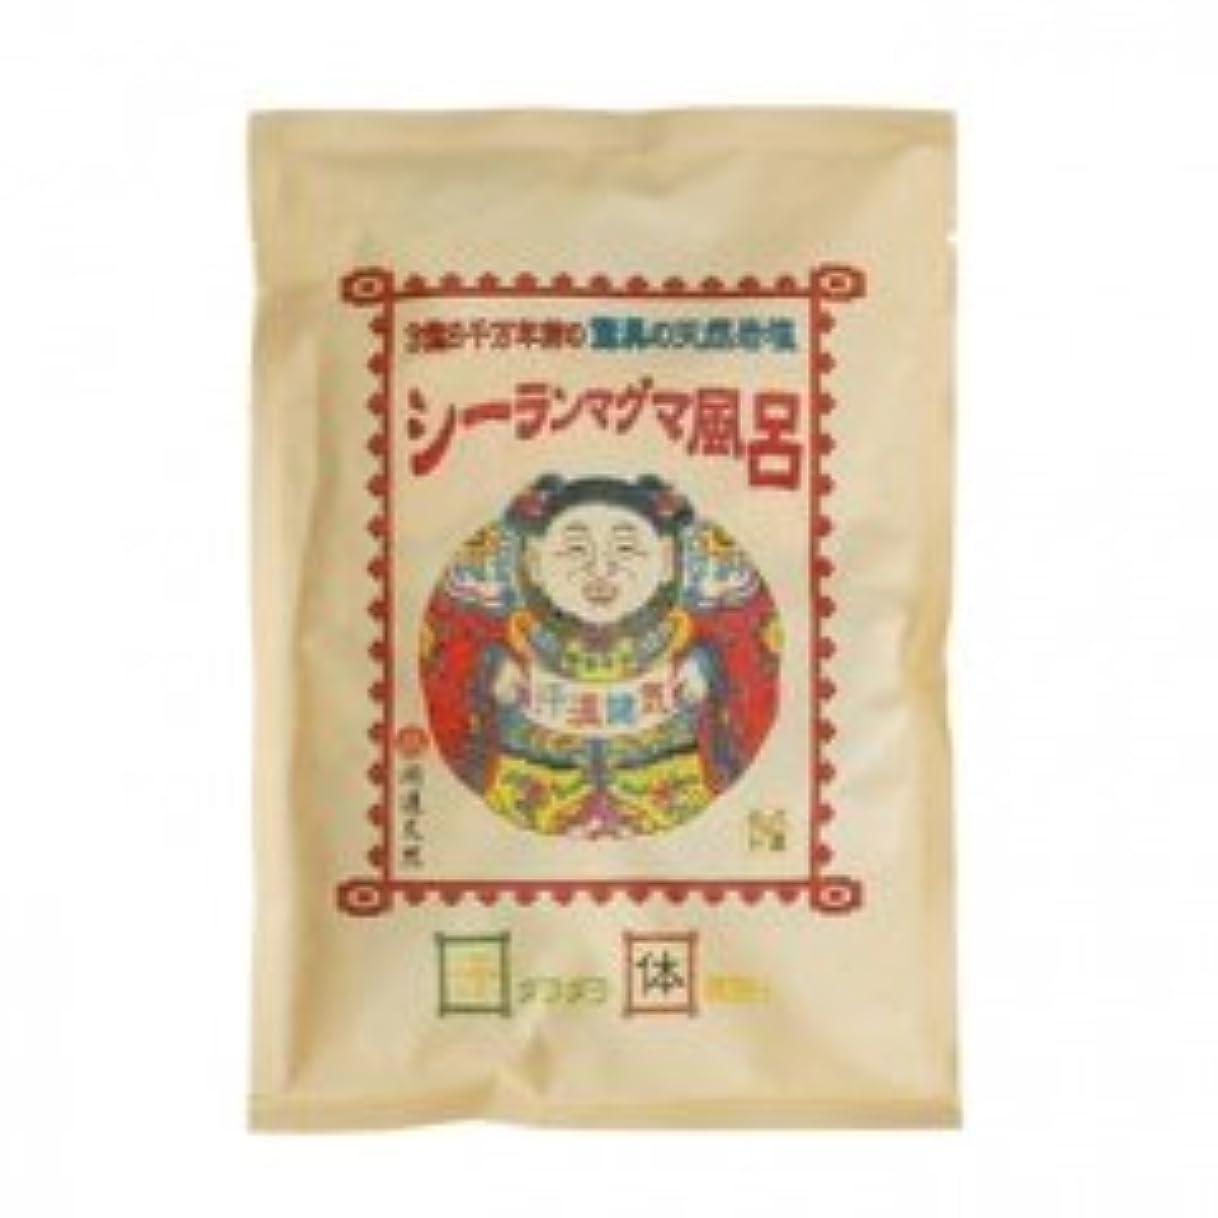 香水魅了する流用する元祖シーランマグマ風呂 25g×45